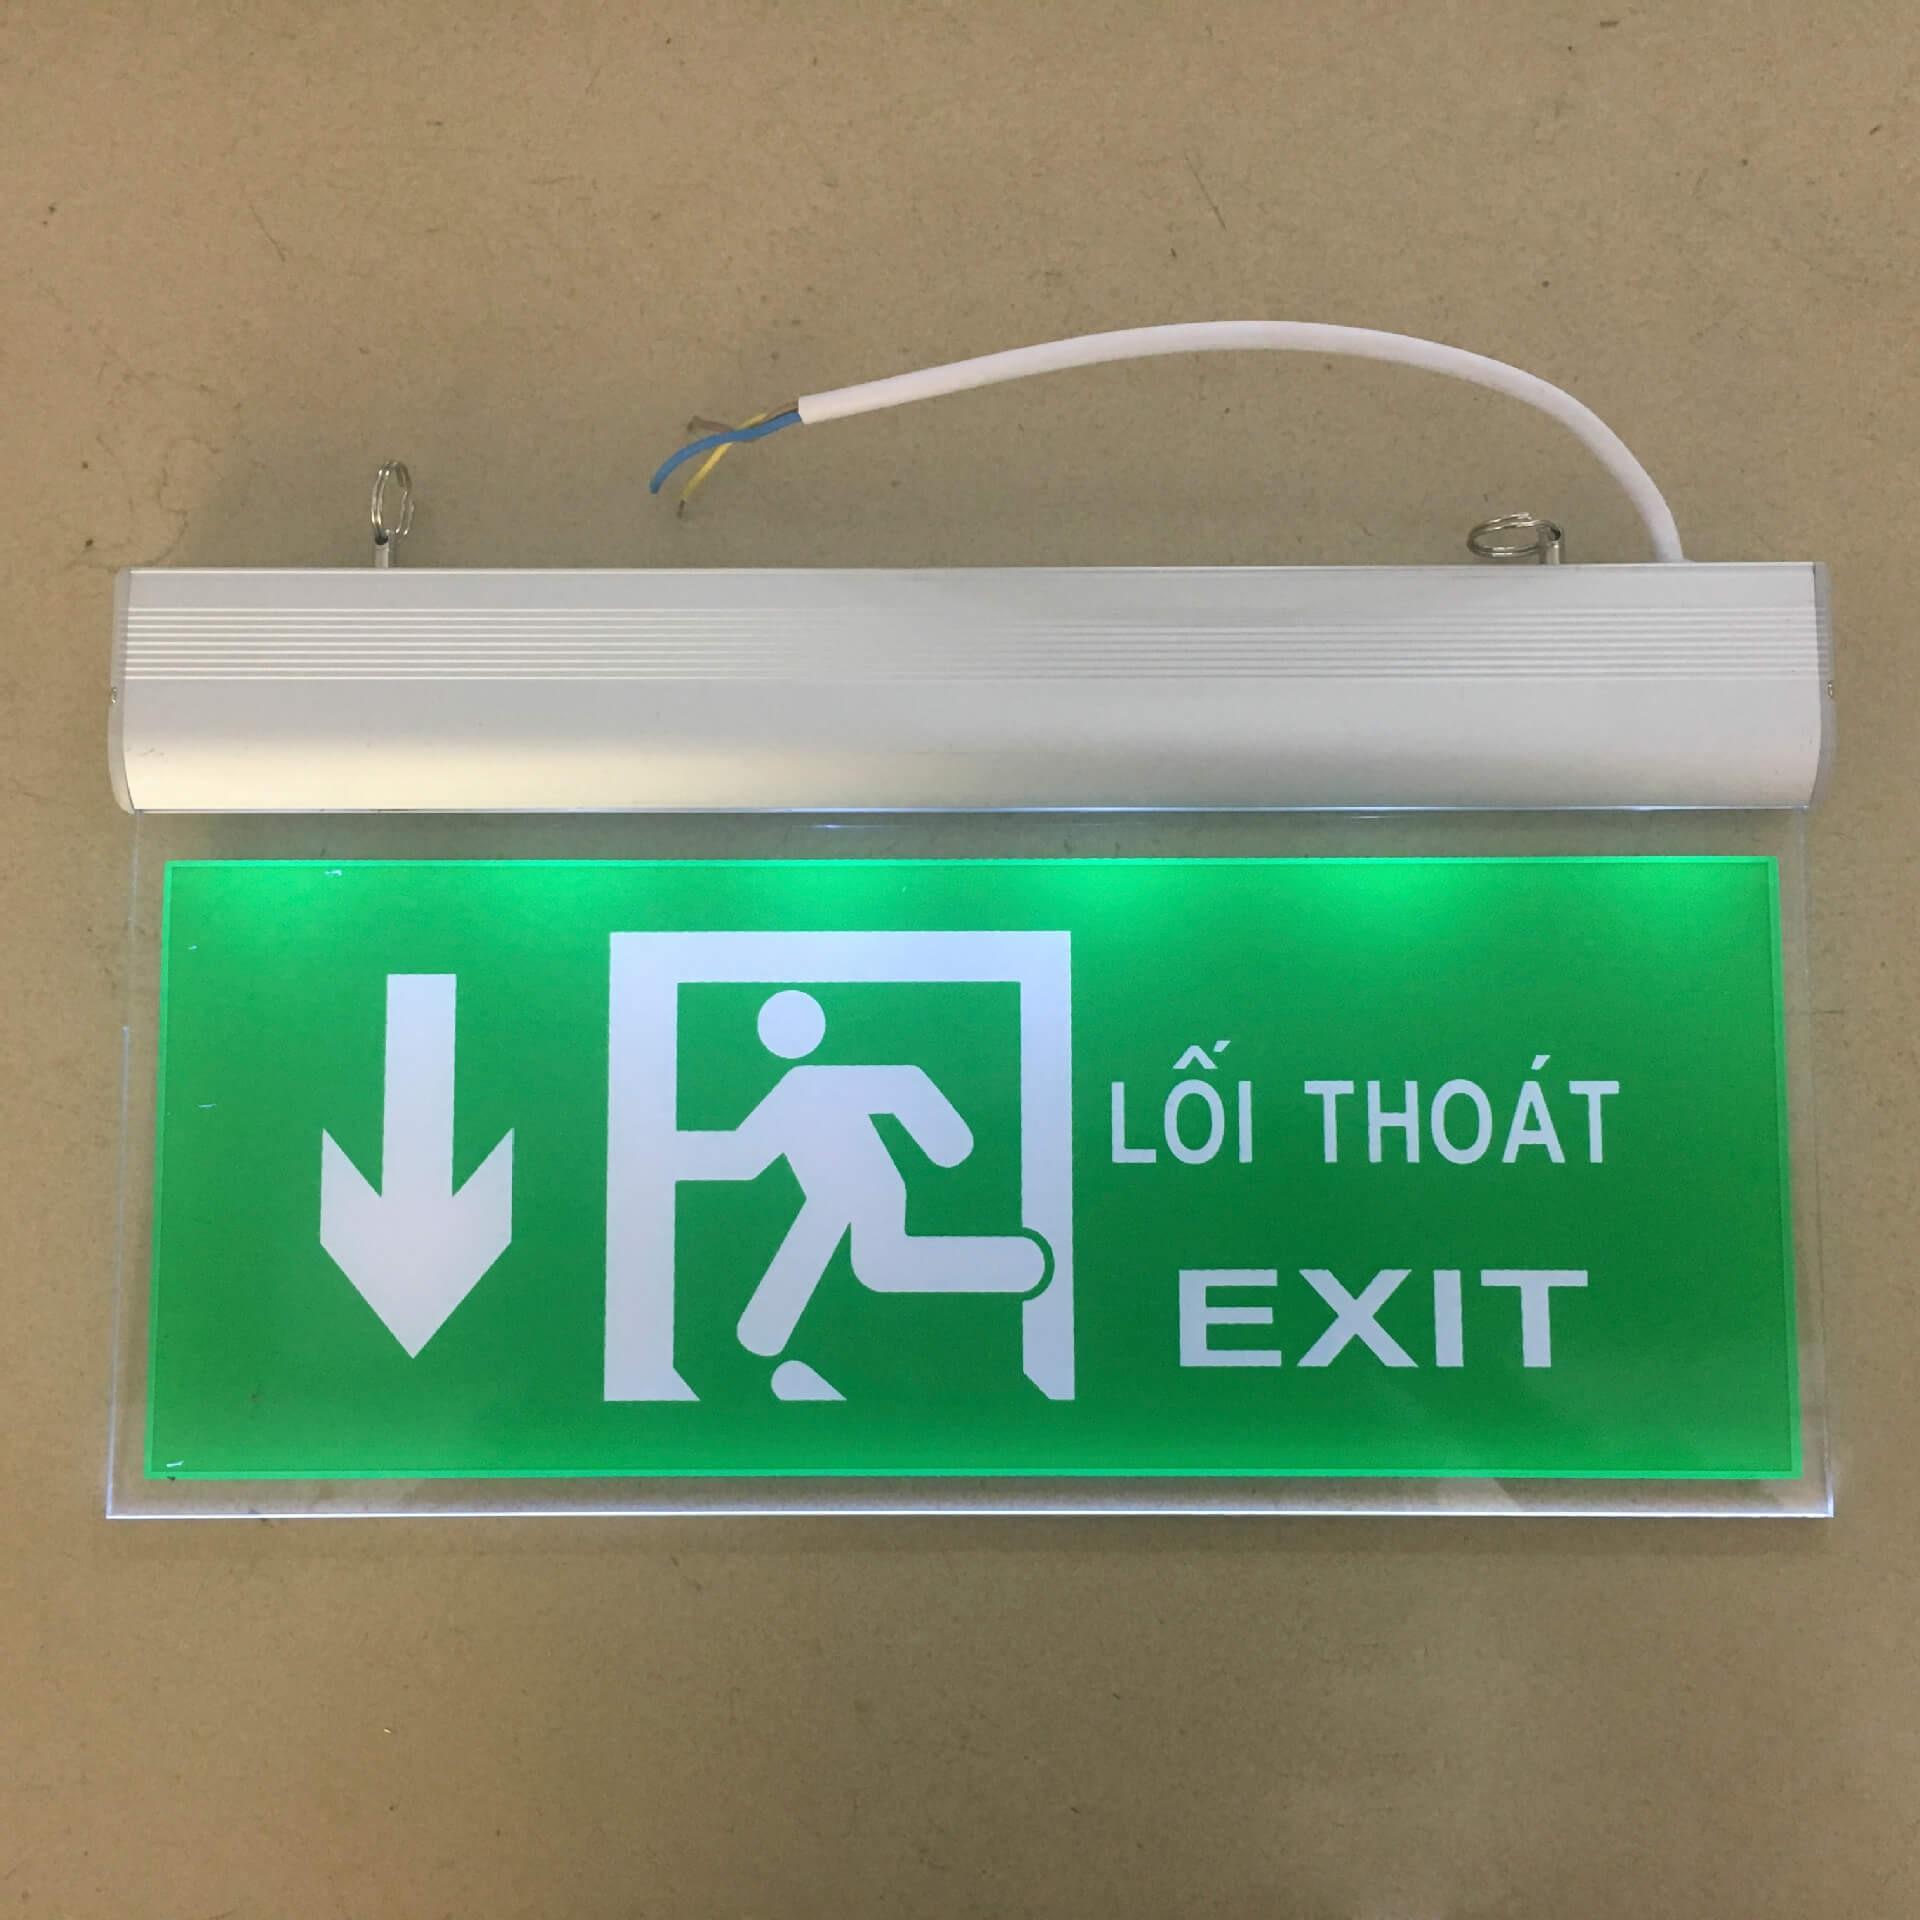 Có biển chỉ dẫn lối thoát hiểm nổi bật